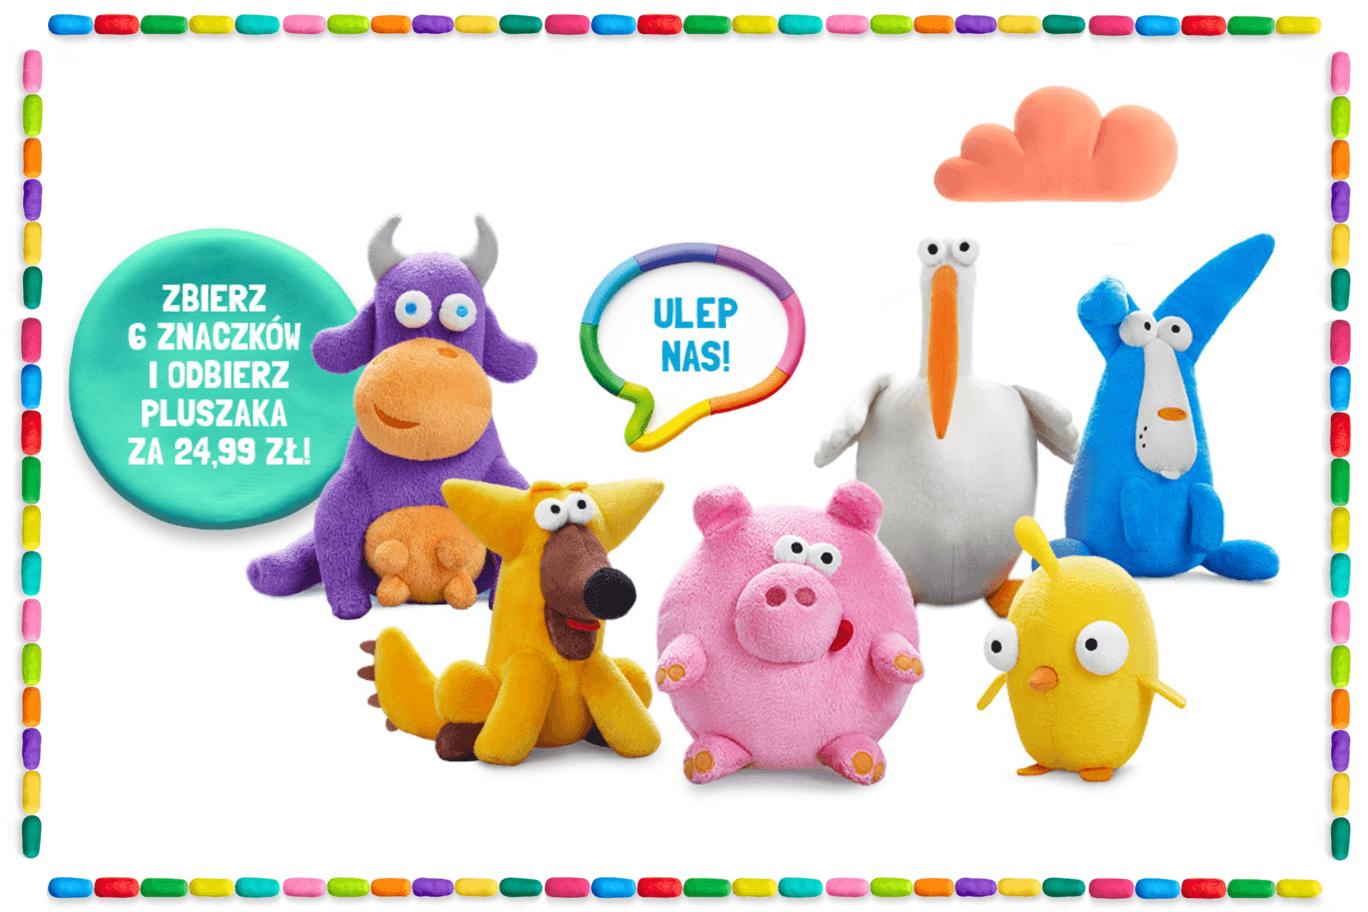 Masa kreatywności w Netto – zbieraj znaczki na maskotki i… samodzielnie lep zabawki!